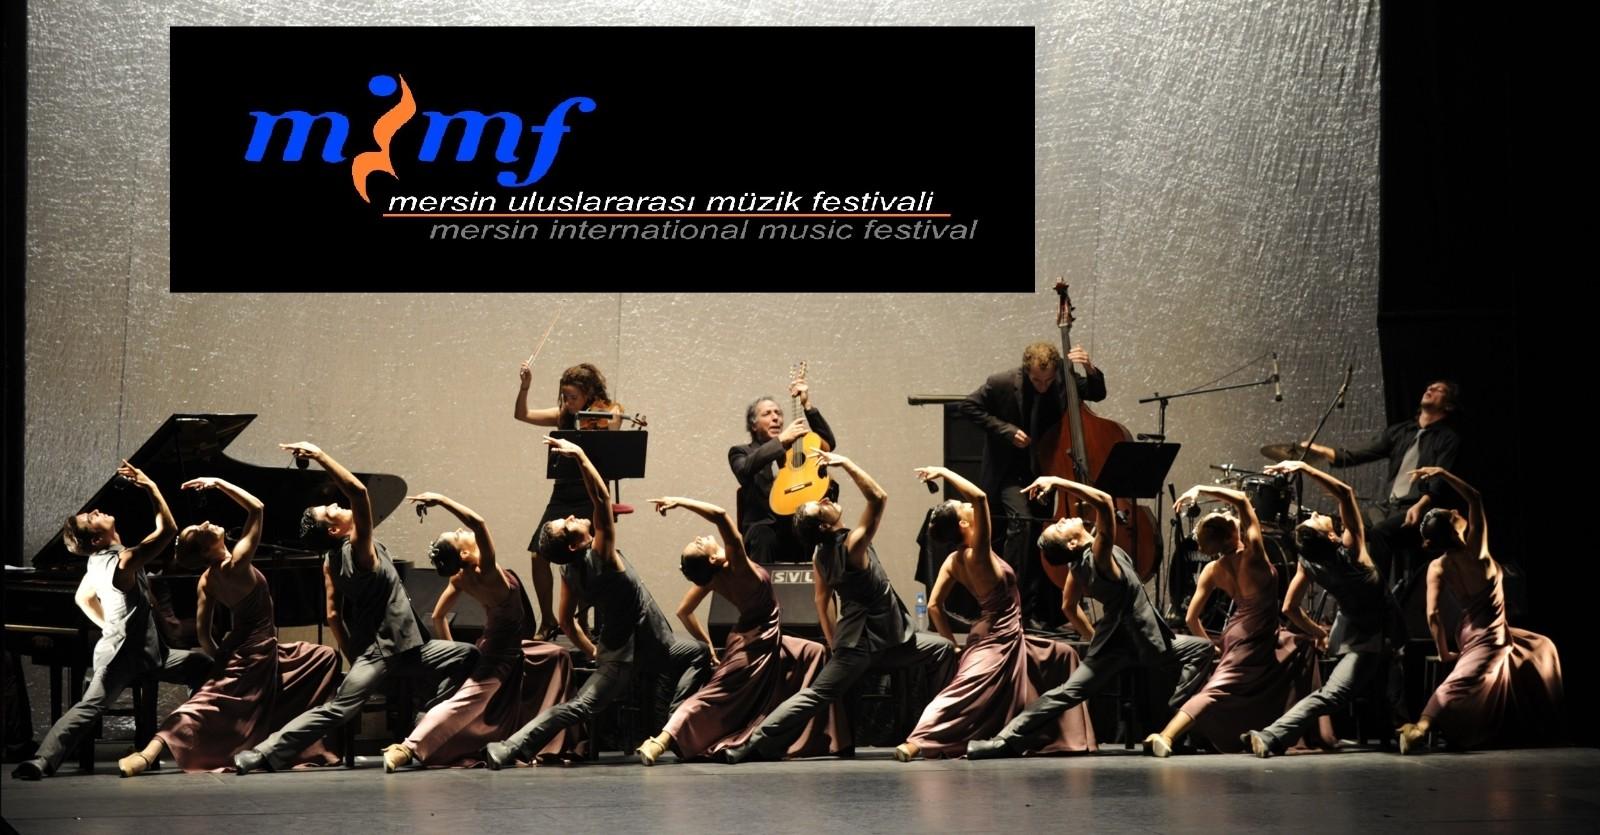 mersin uluslararasi muzik festivali 19uncu kez mersinlilerle bulusacak